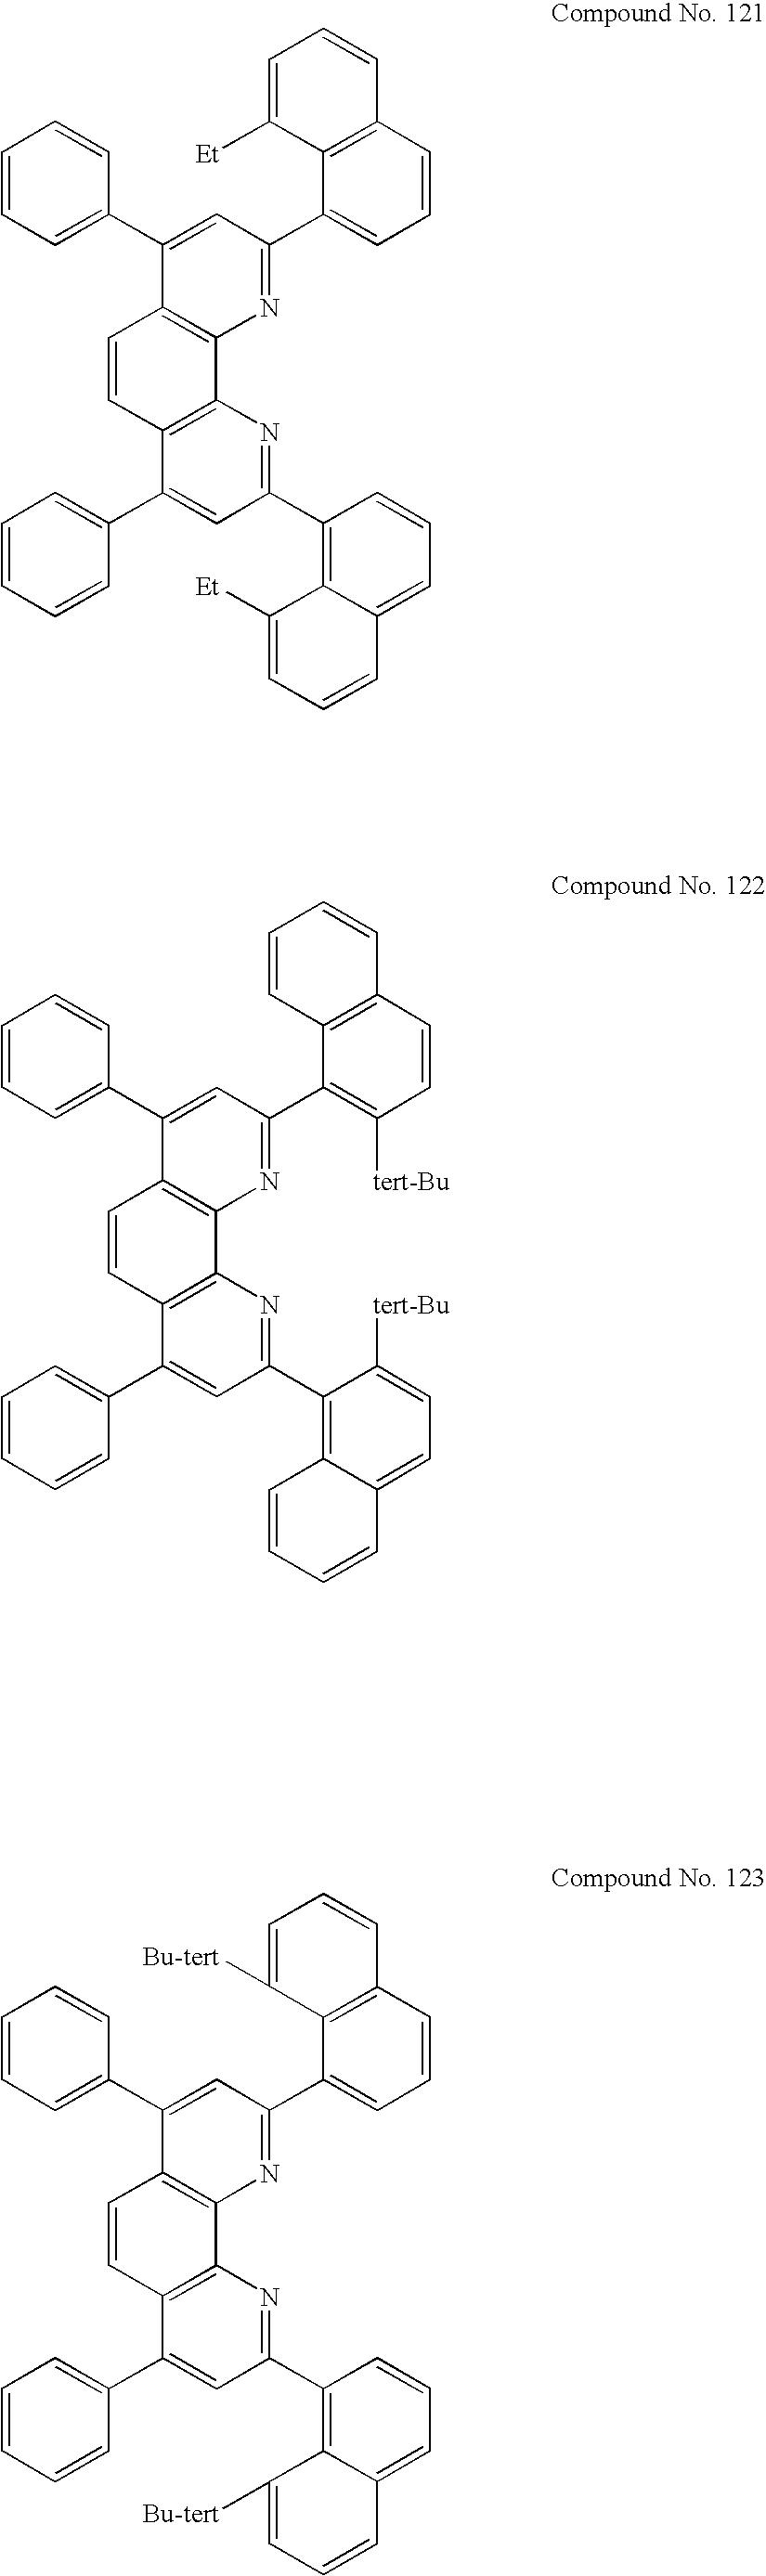 Figure US20050073641A1-20050407-C00039